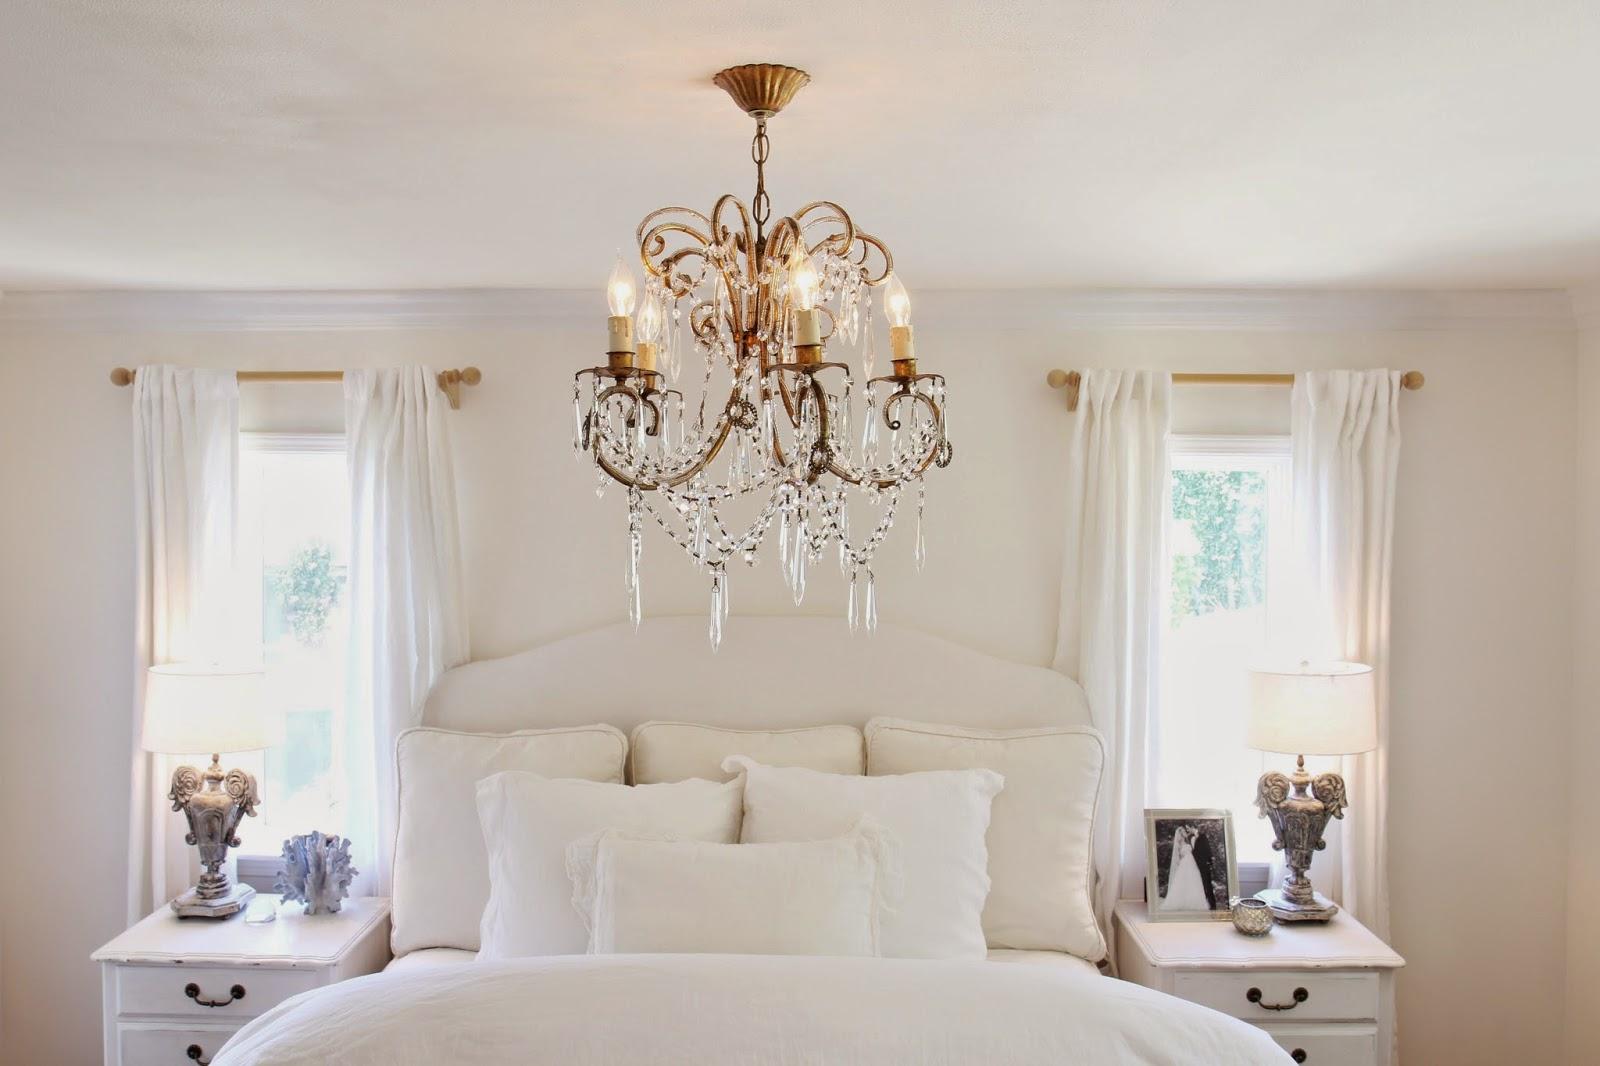 nora 39 s nest a chandelier for the master bedroom. Black Bedroom Furniture Sets. Home Design Ideas